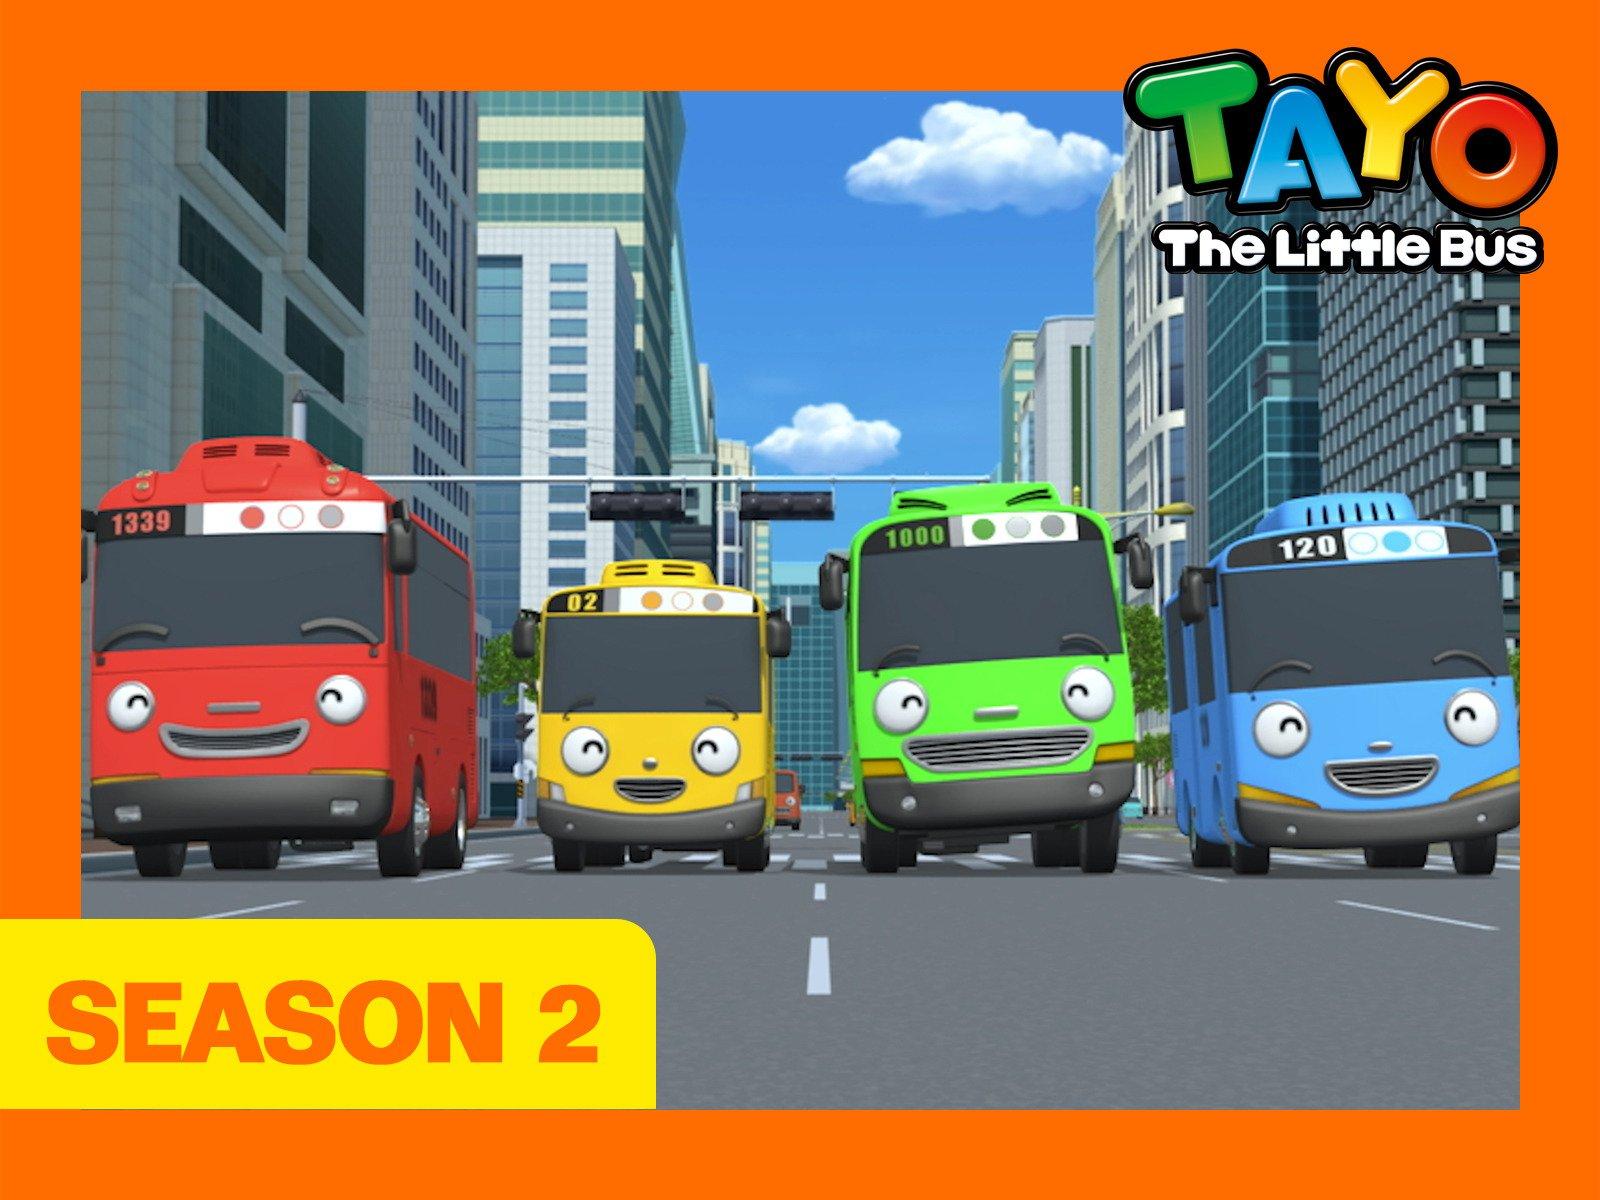 Tayo the Little Bus - Season 2